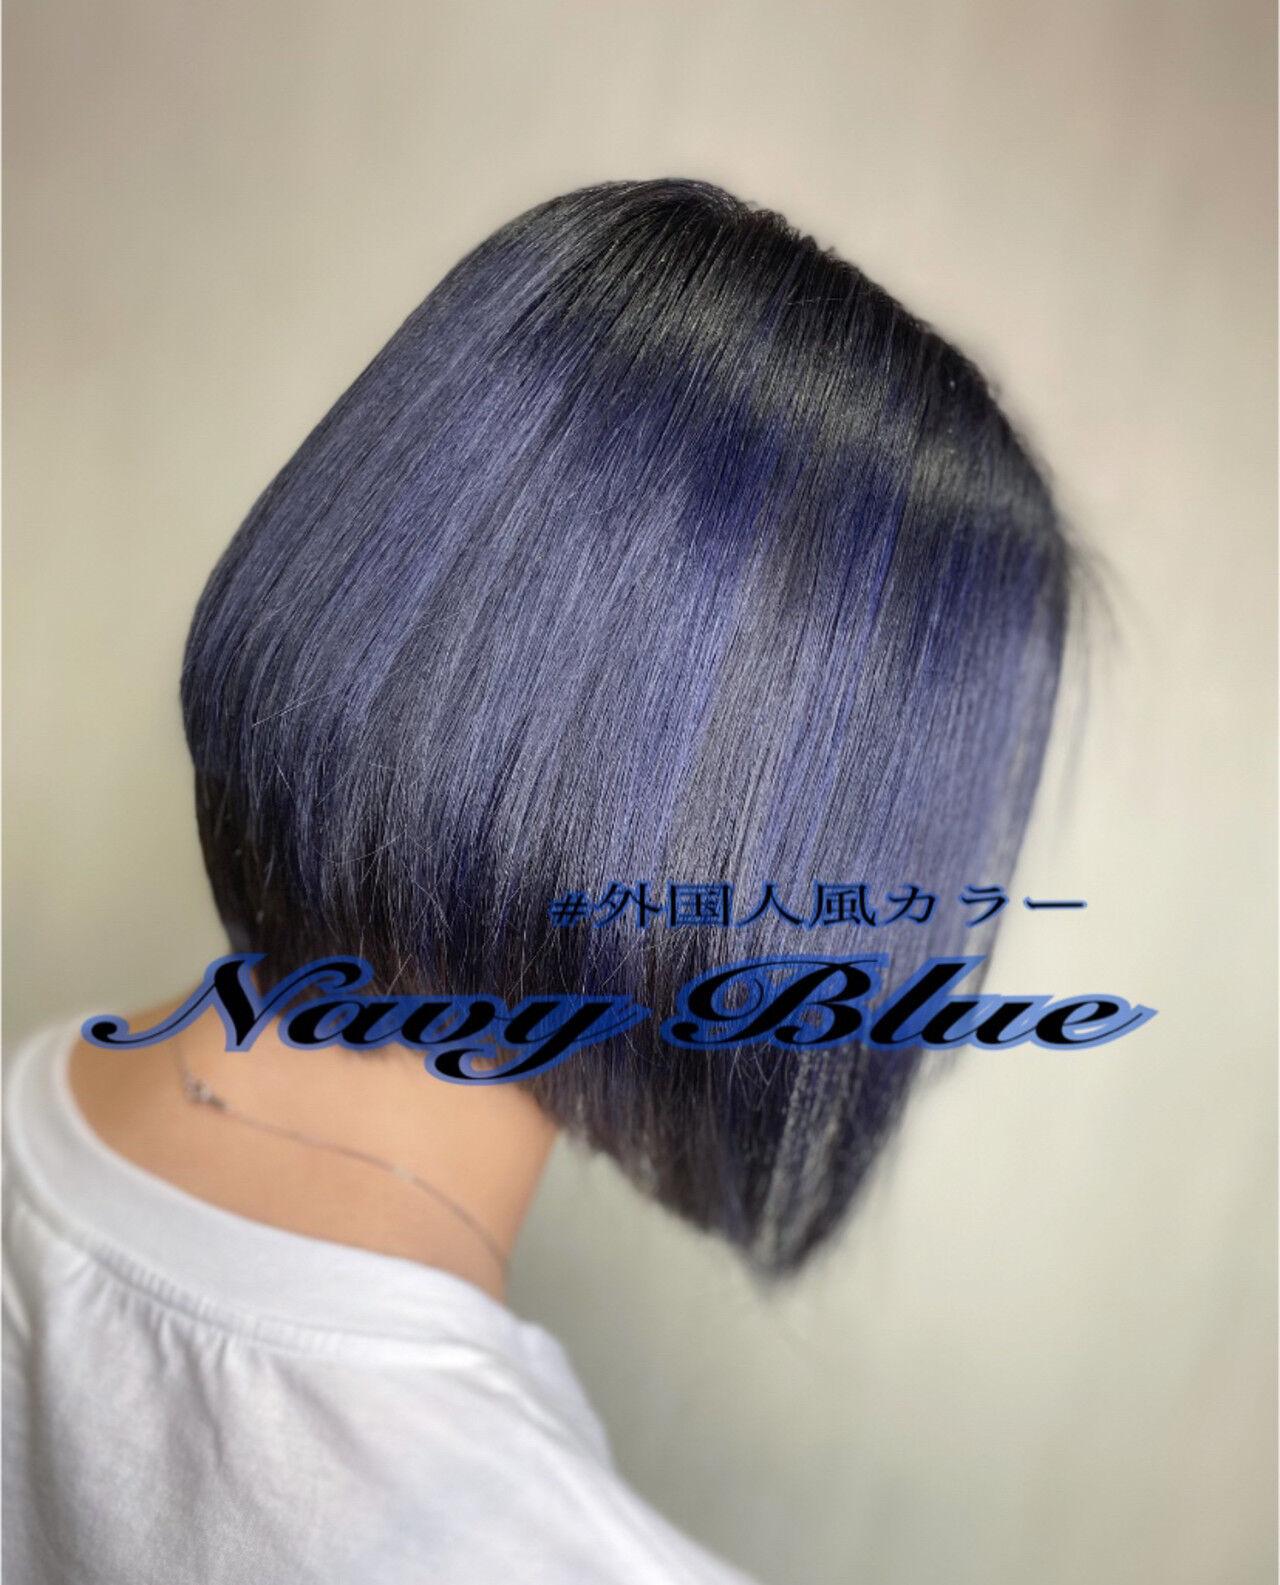 ボブ ナチュラル グラデーション ハイライトヘアスタイルや髪型の写真・画像